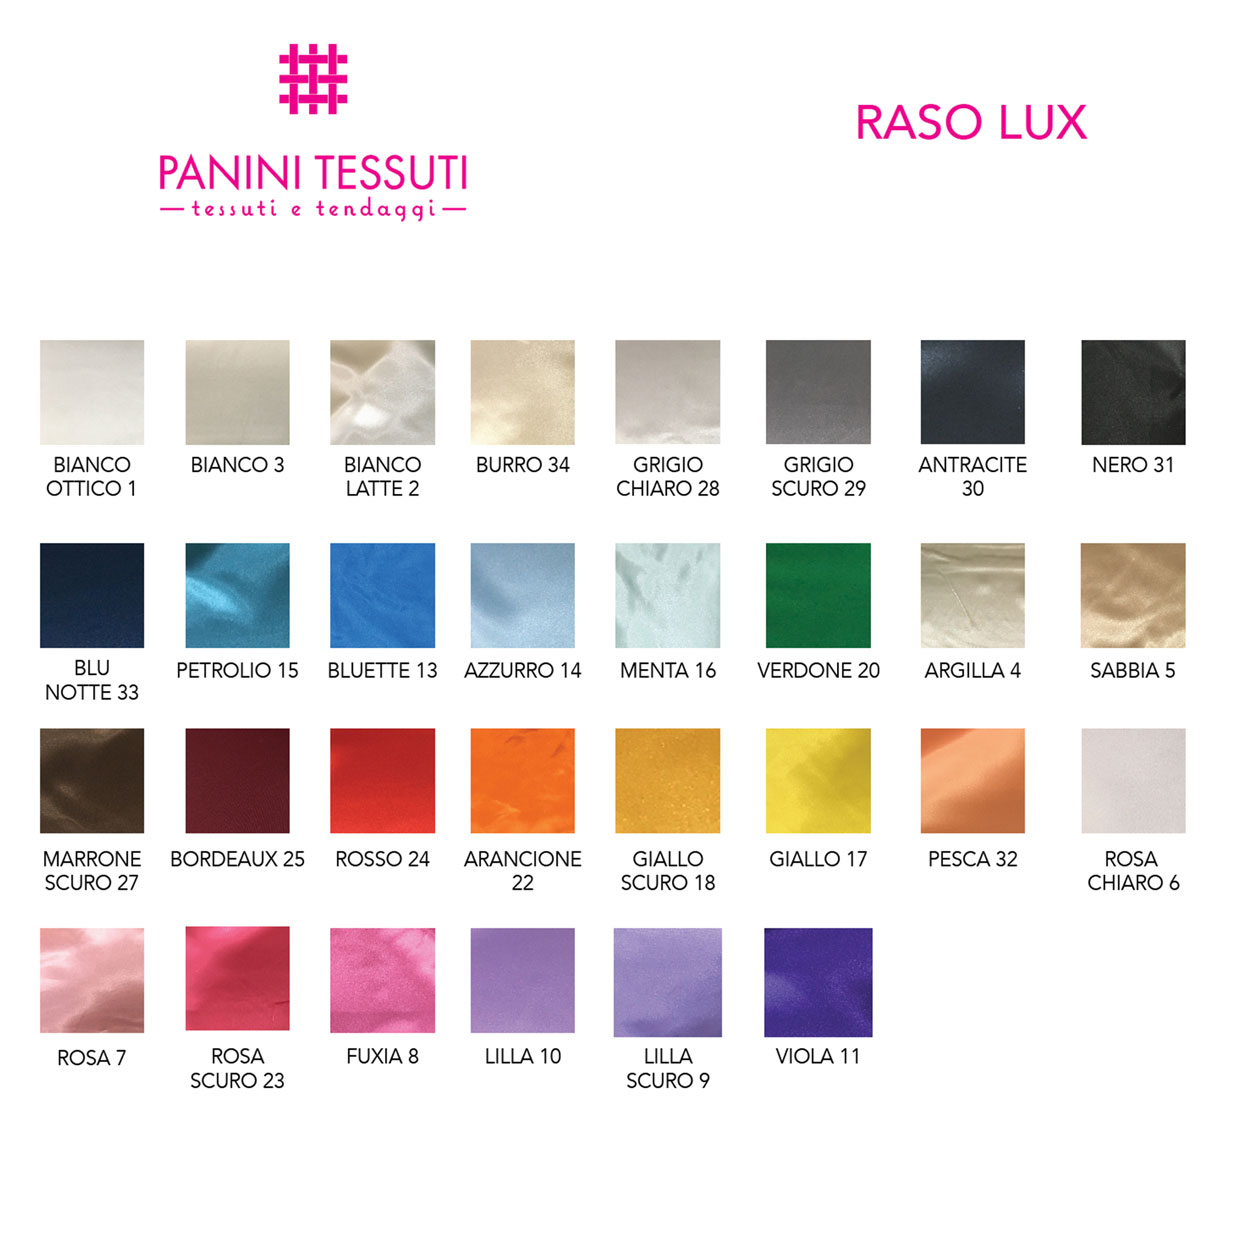 Raso Lux